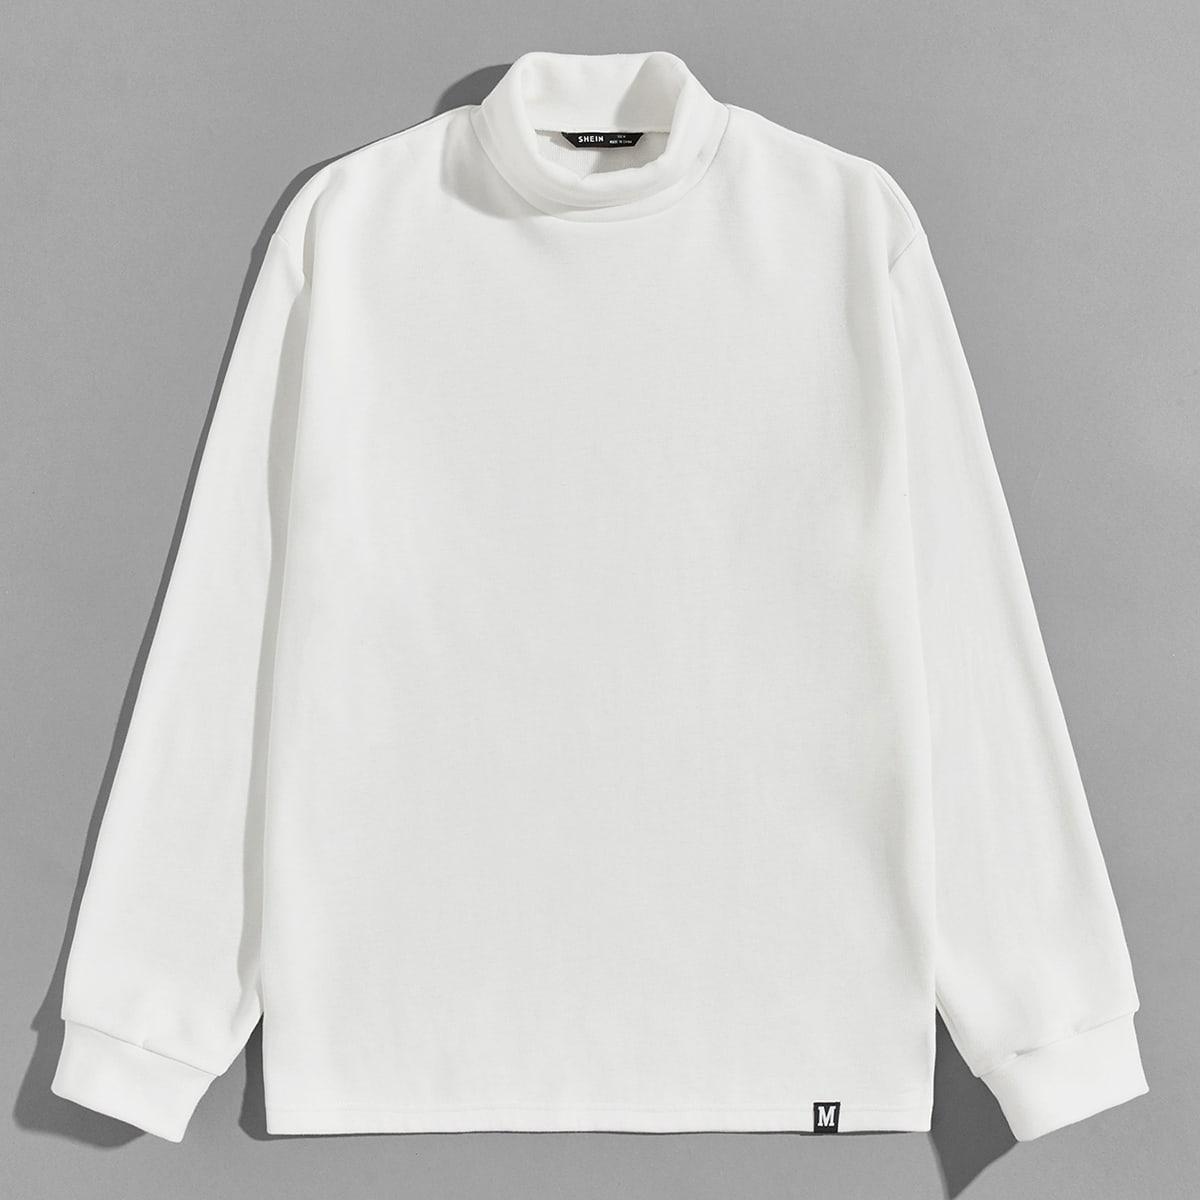 Мужской пуловер с текстовой заплатой от SHEIN